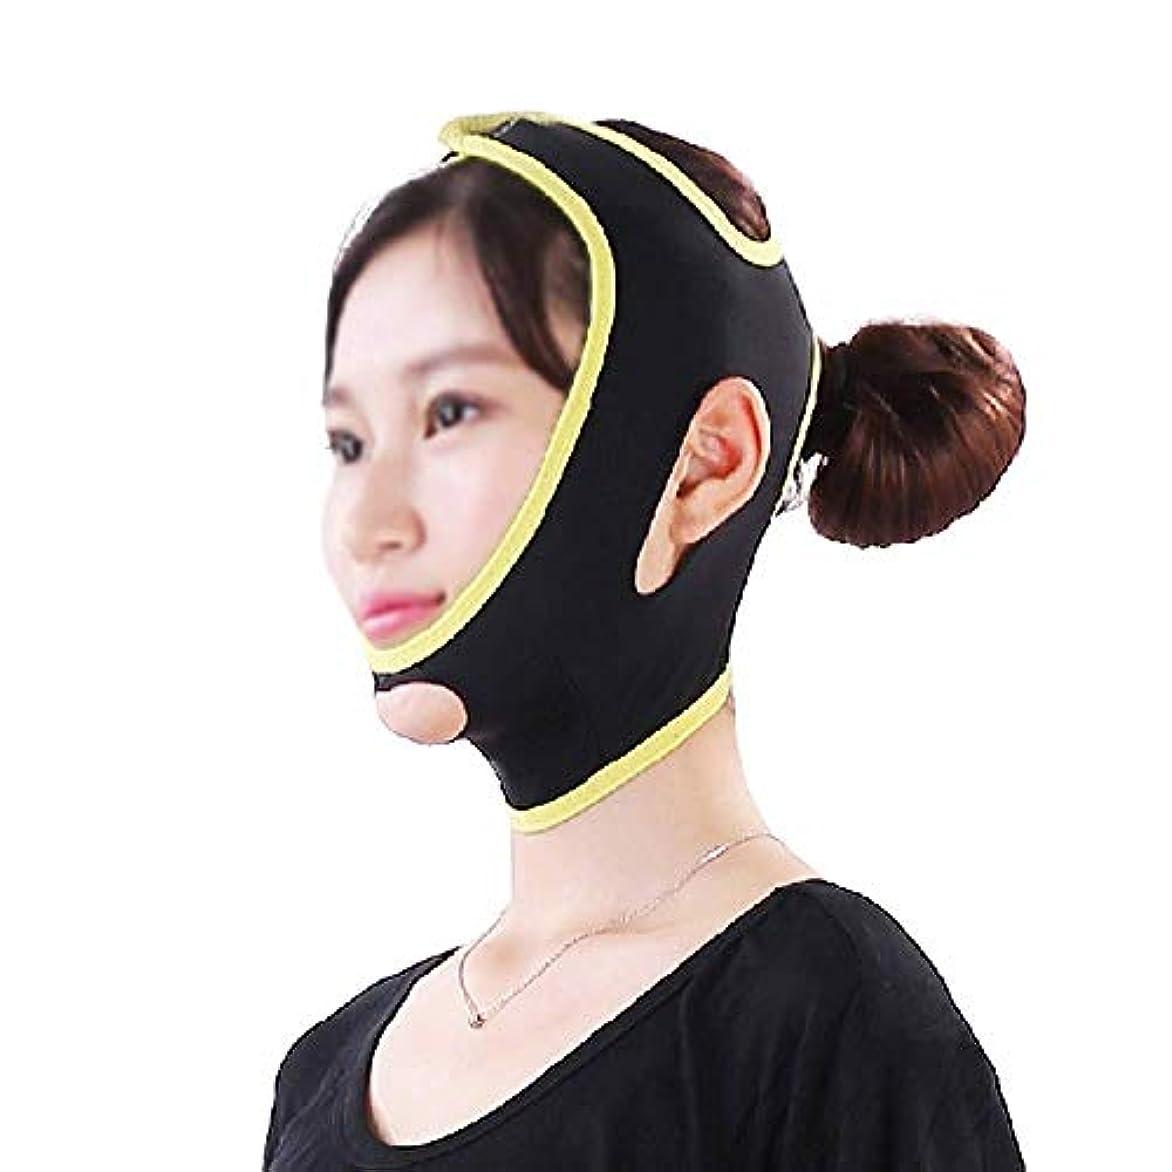 値広範囲に同志フェイスアンドネックリフト、Vフェイスマスクは顔の輪郭を強化して、顎の超弾性包帯を引き締める咬筋を緩和します(サイズ:M)